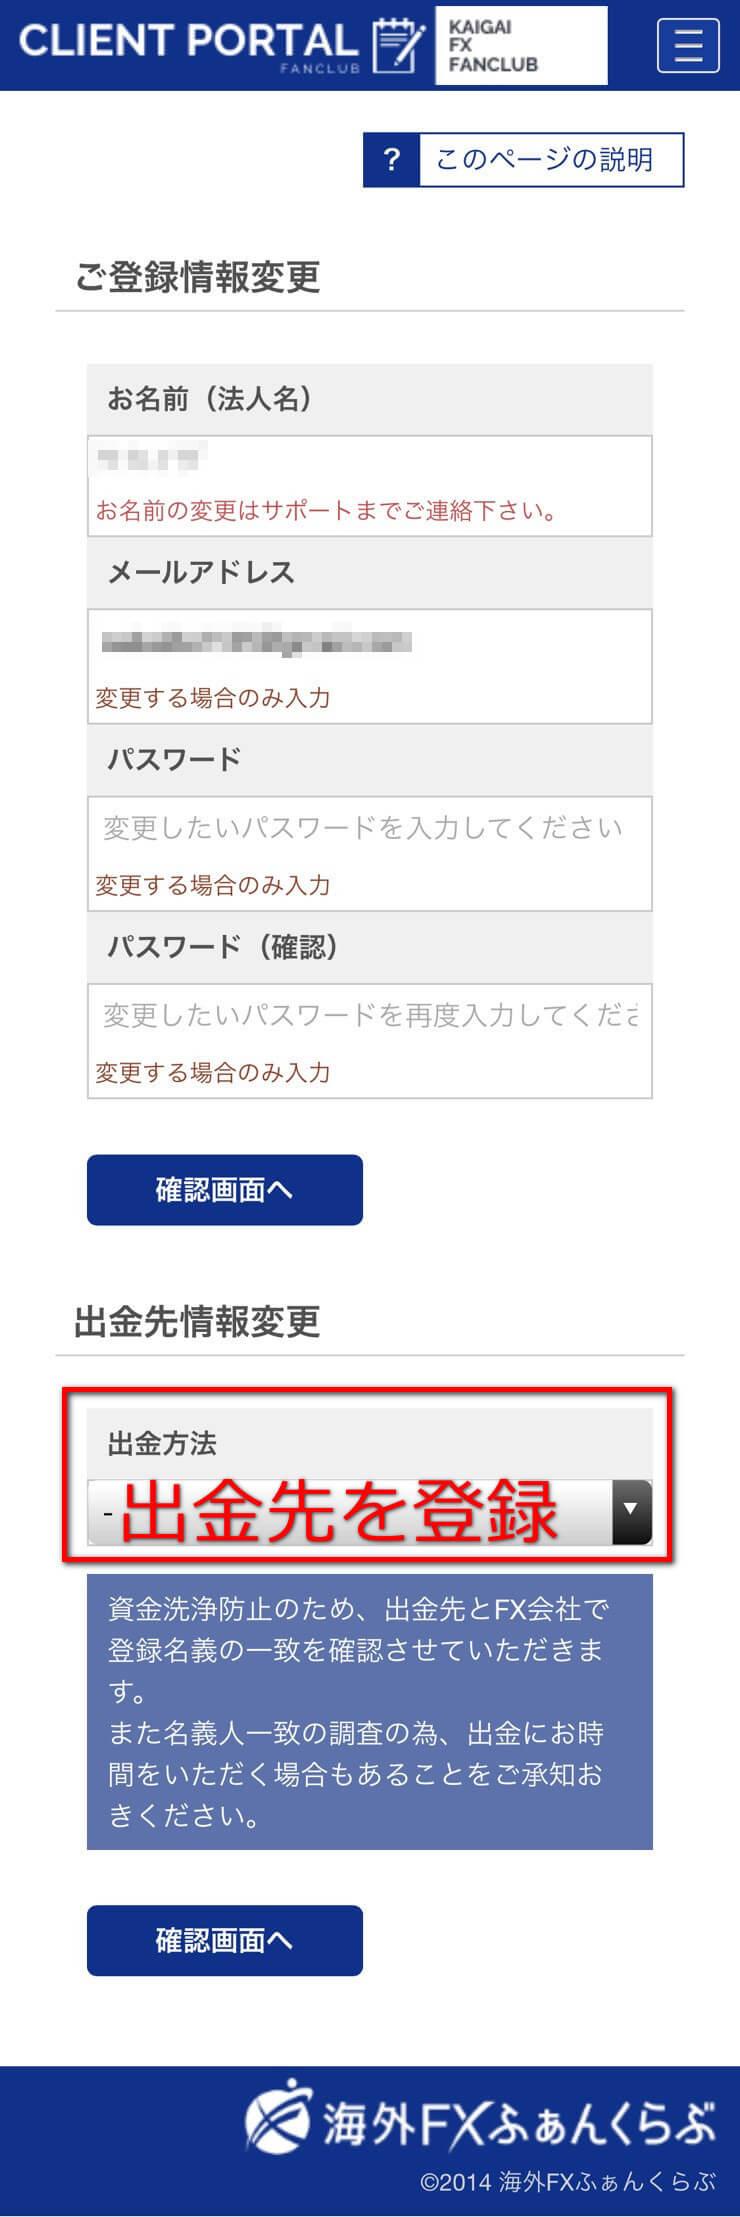 登録情報変更画面スマホ